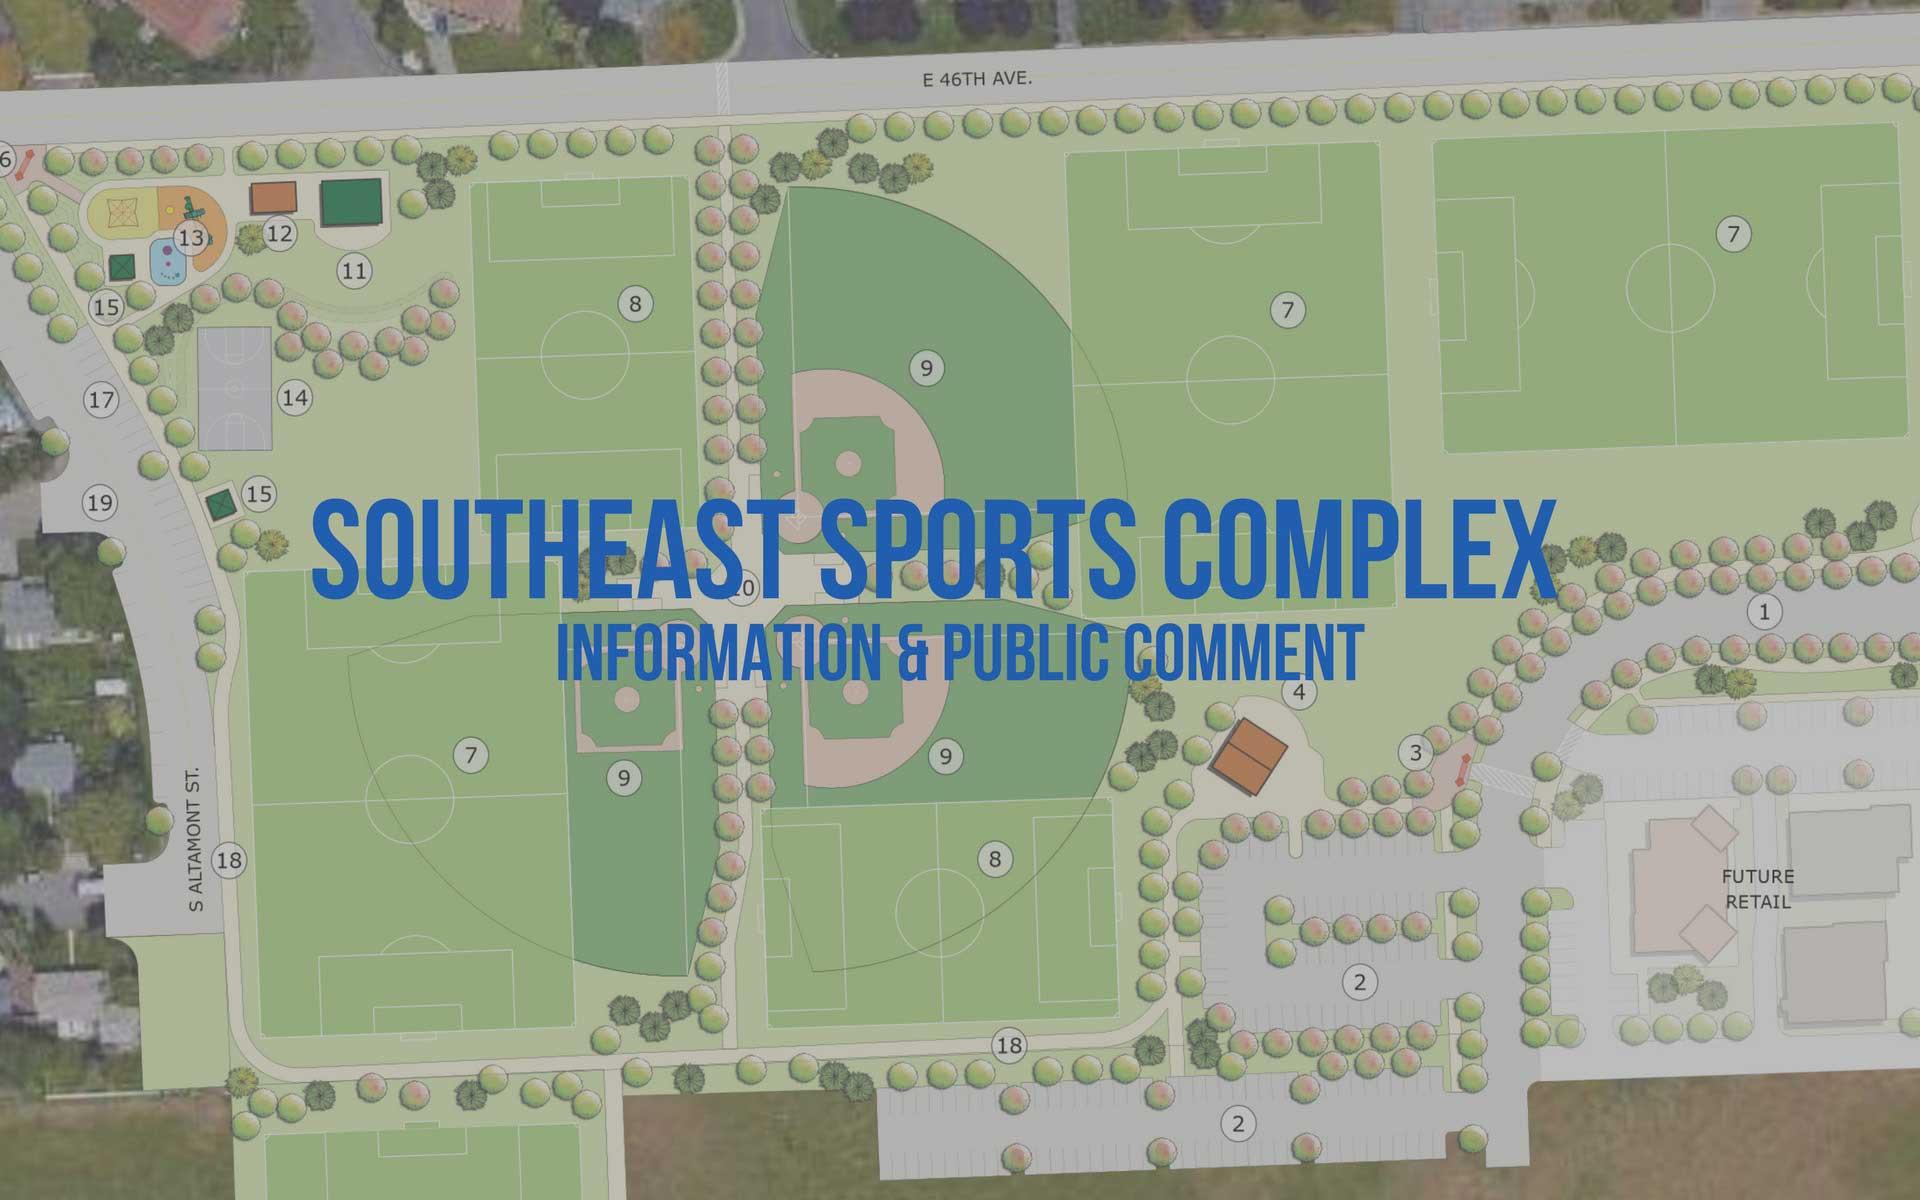 Spokane Complex Fire Map.Se Sports Complex Information Public Comment City Of Spokane